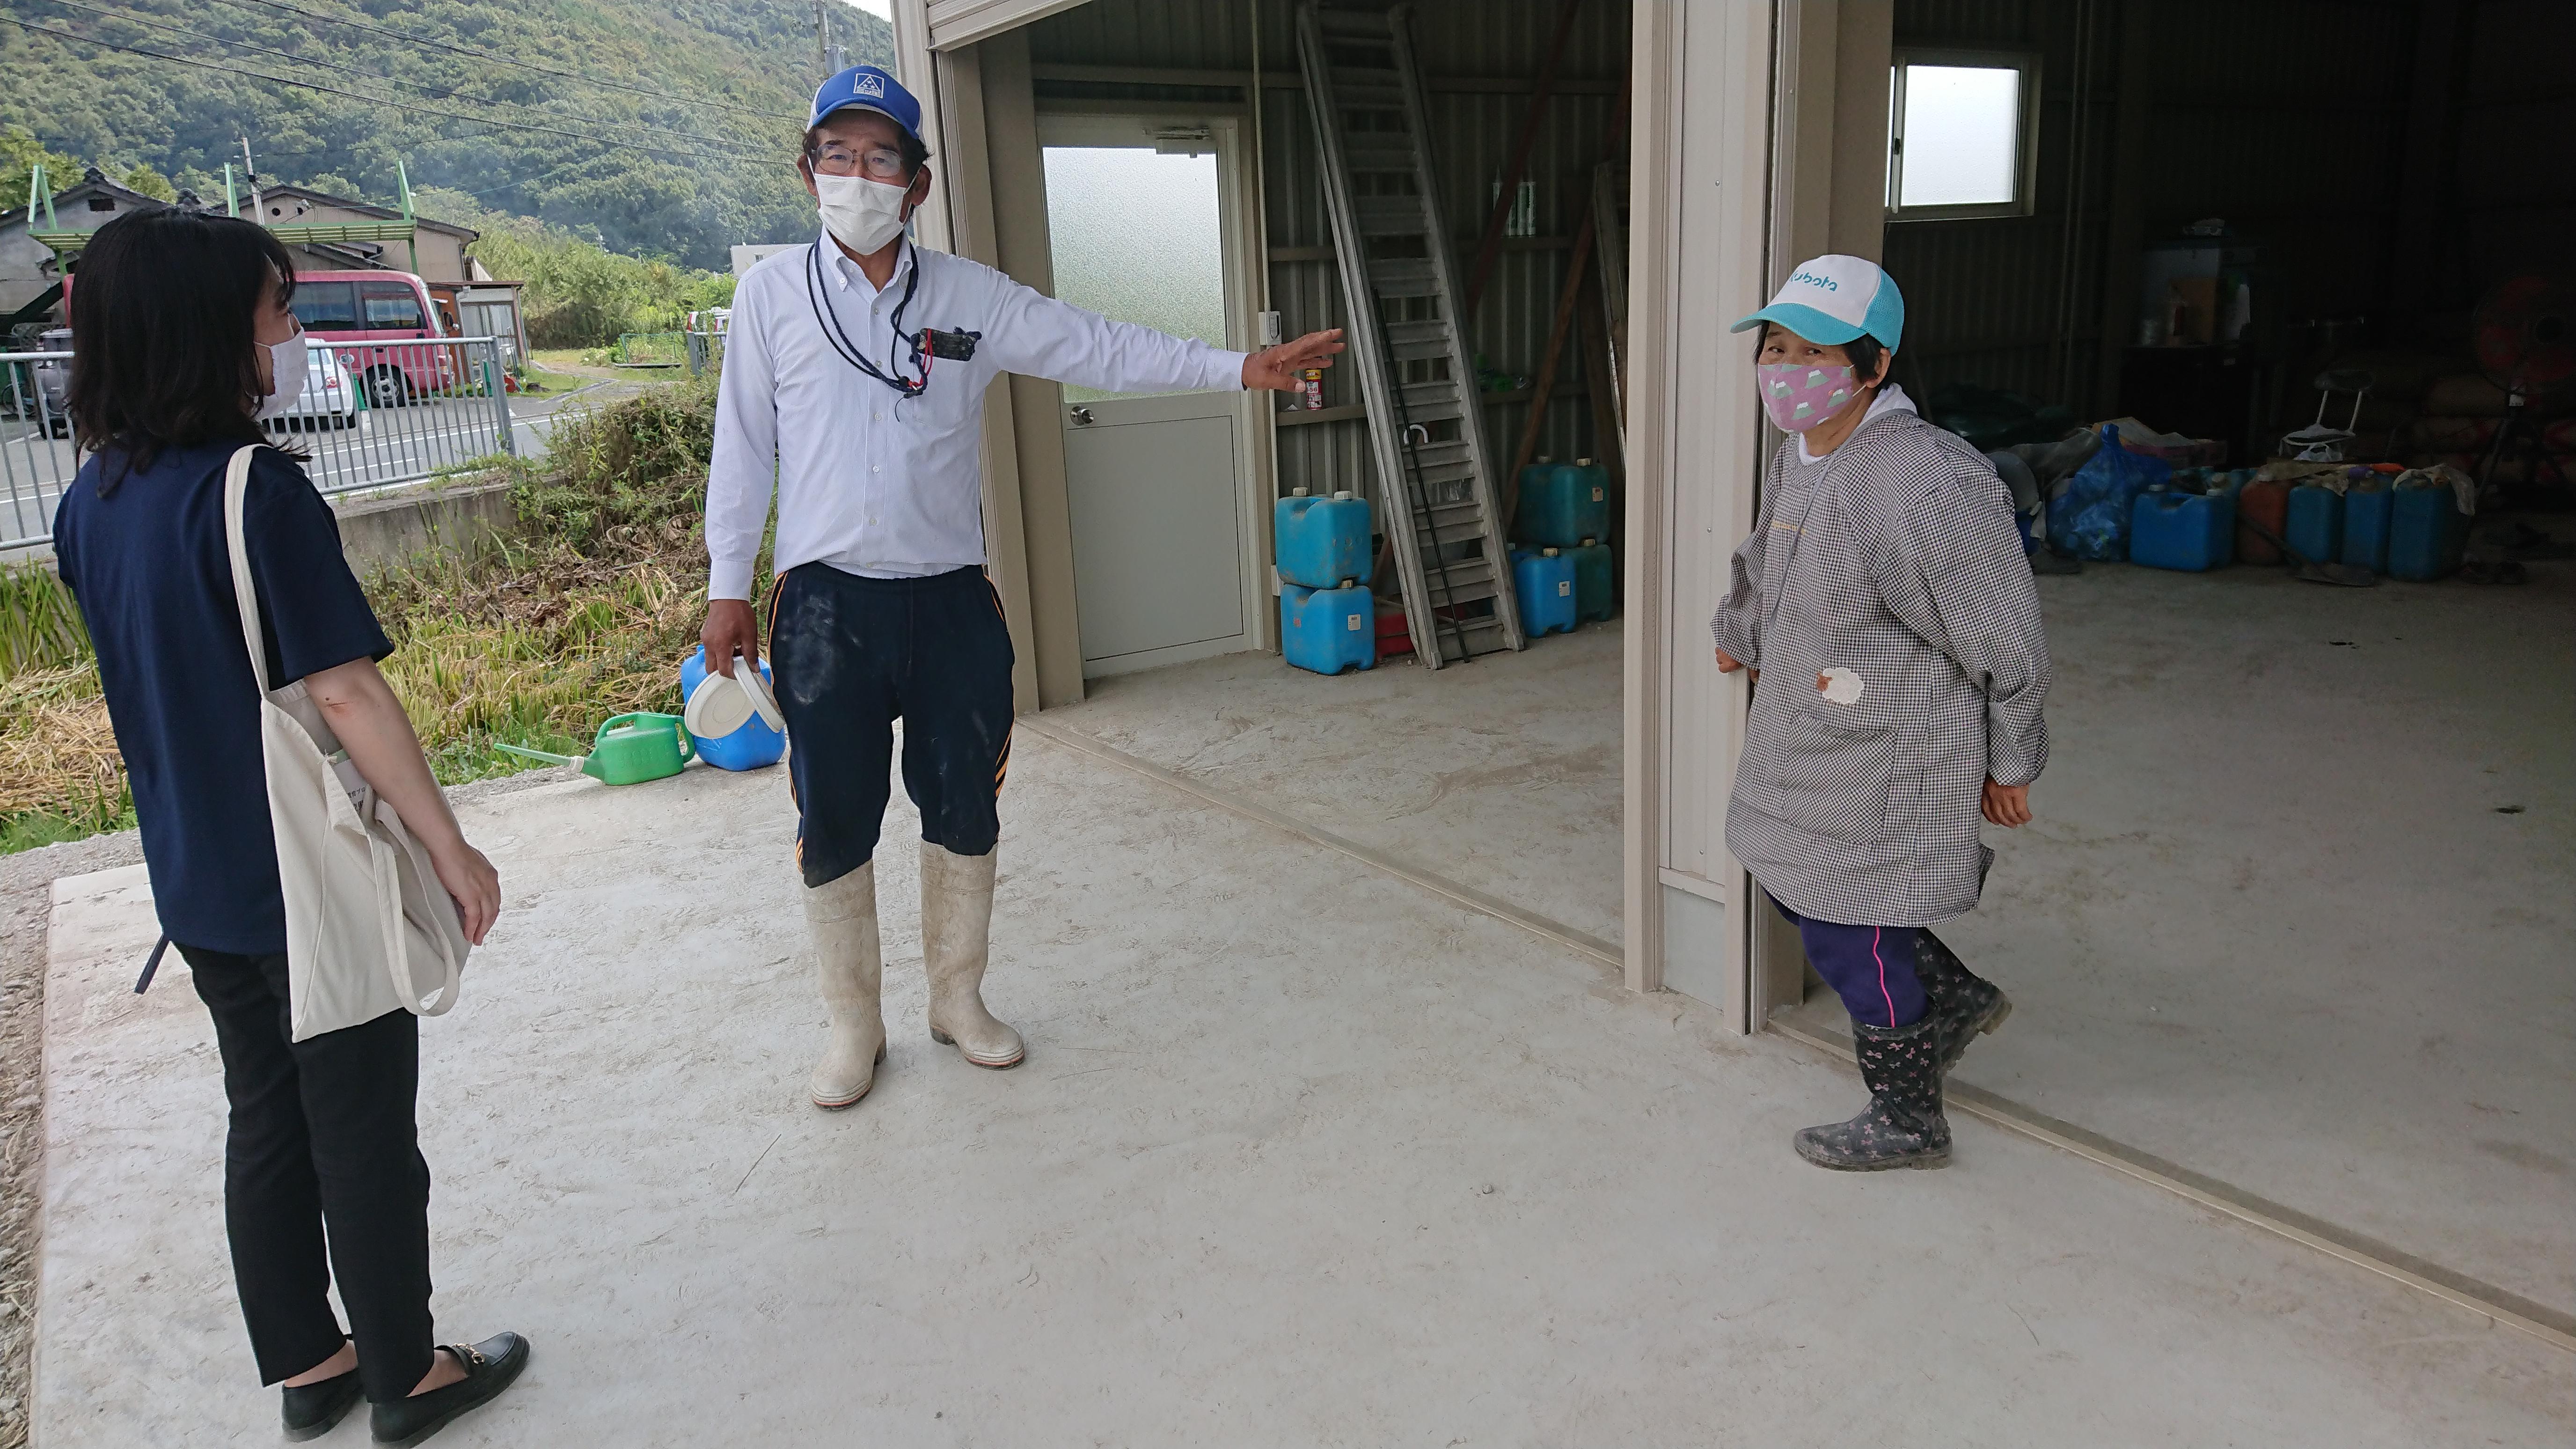 芦谷さんご夫婦に挨拶される教育委員会の三好さん(左側)。明日は天候が悪くなりそうです。午後からの稲刈り、お気をつけて。